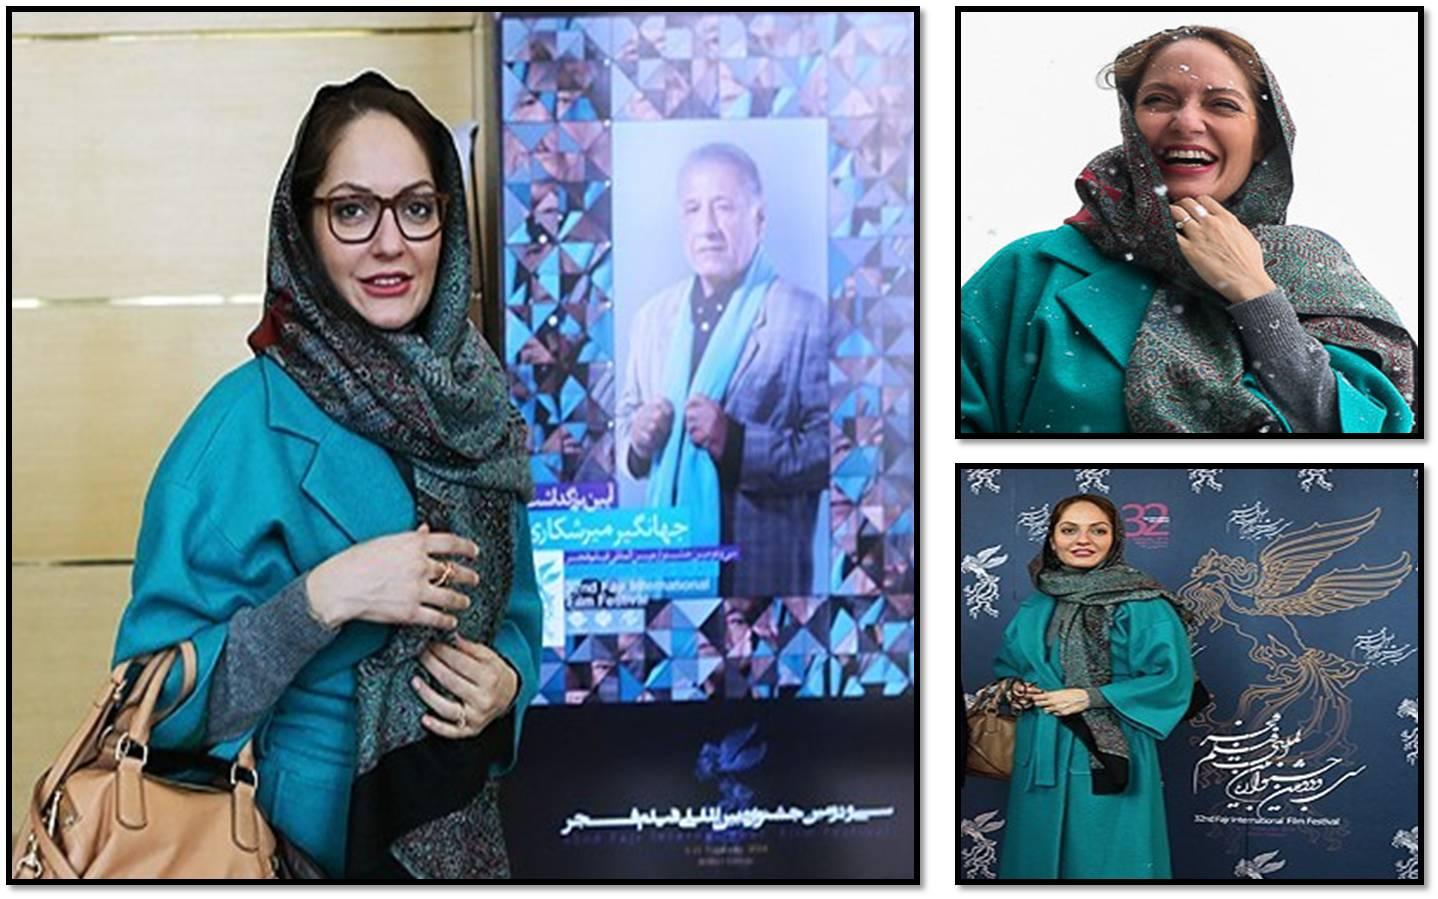 عکس های مهناز افشار در حاشیه روز چهارم جشنواره فیلم فجر